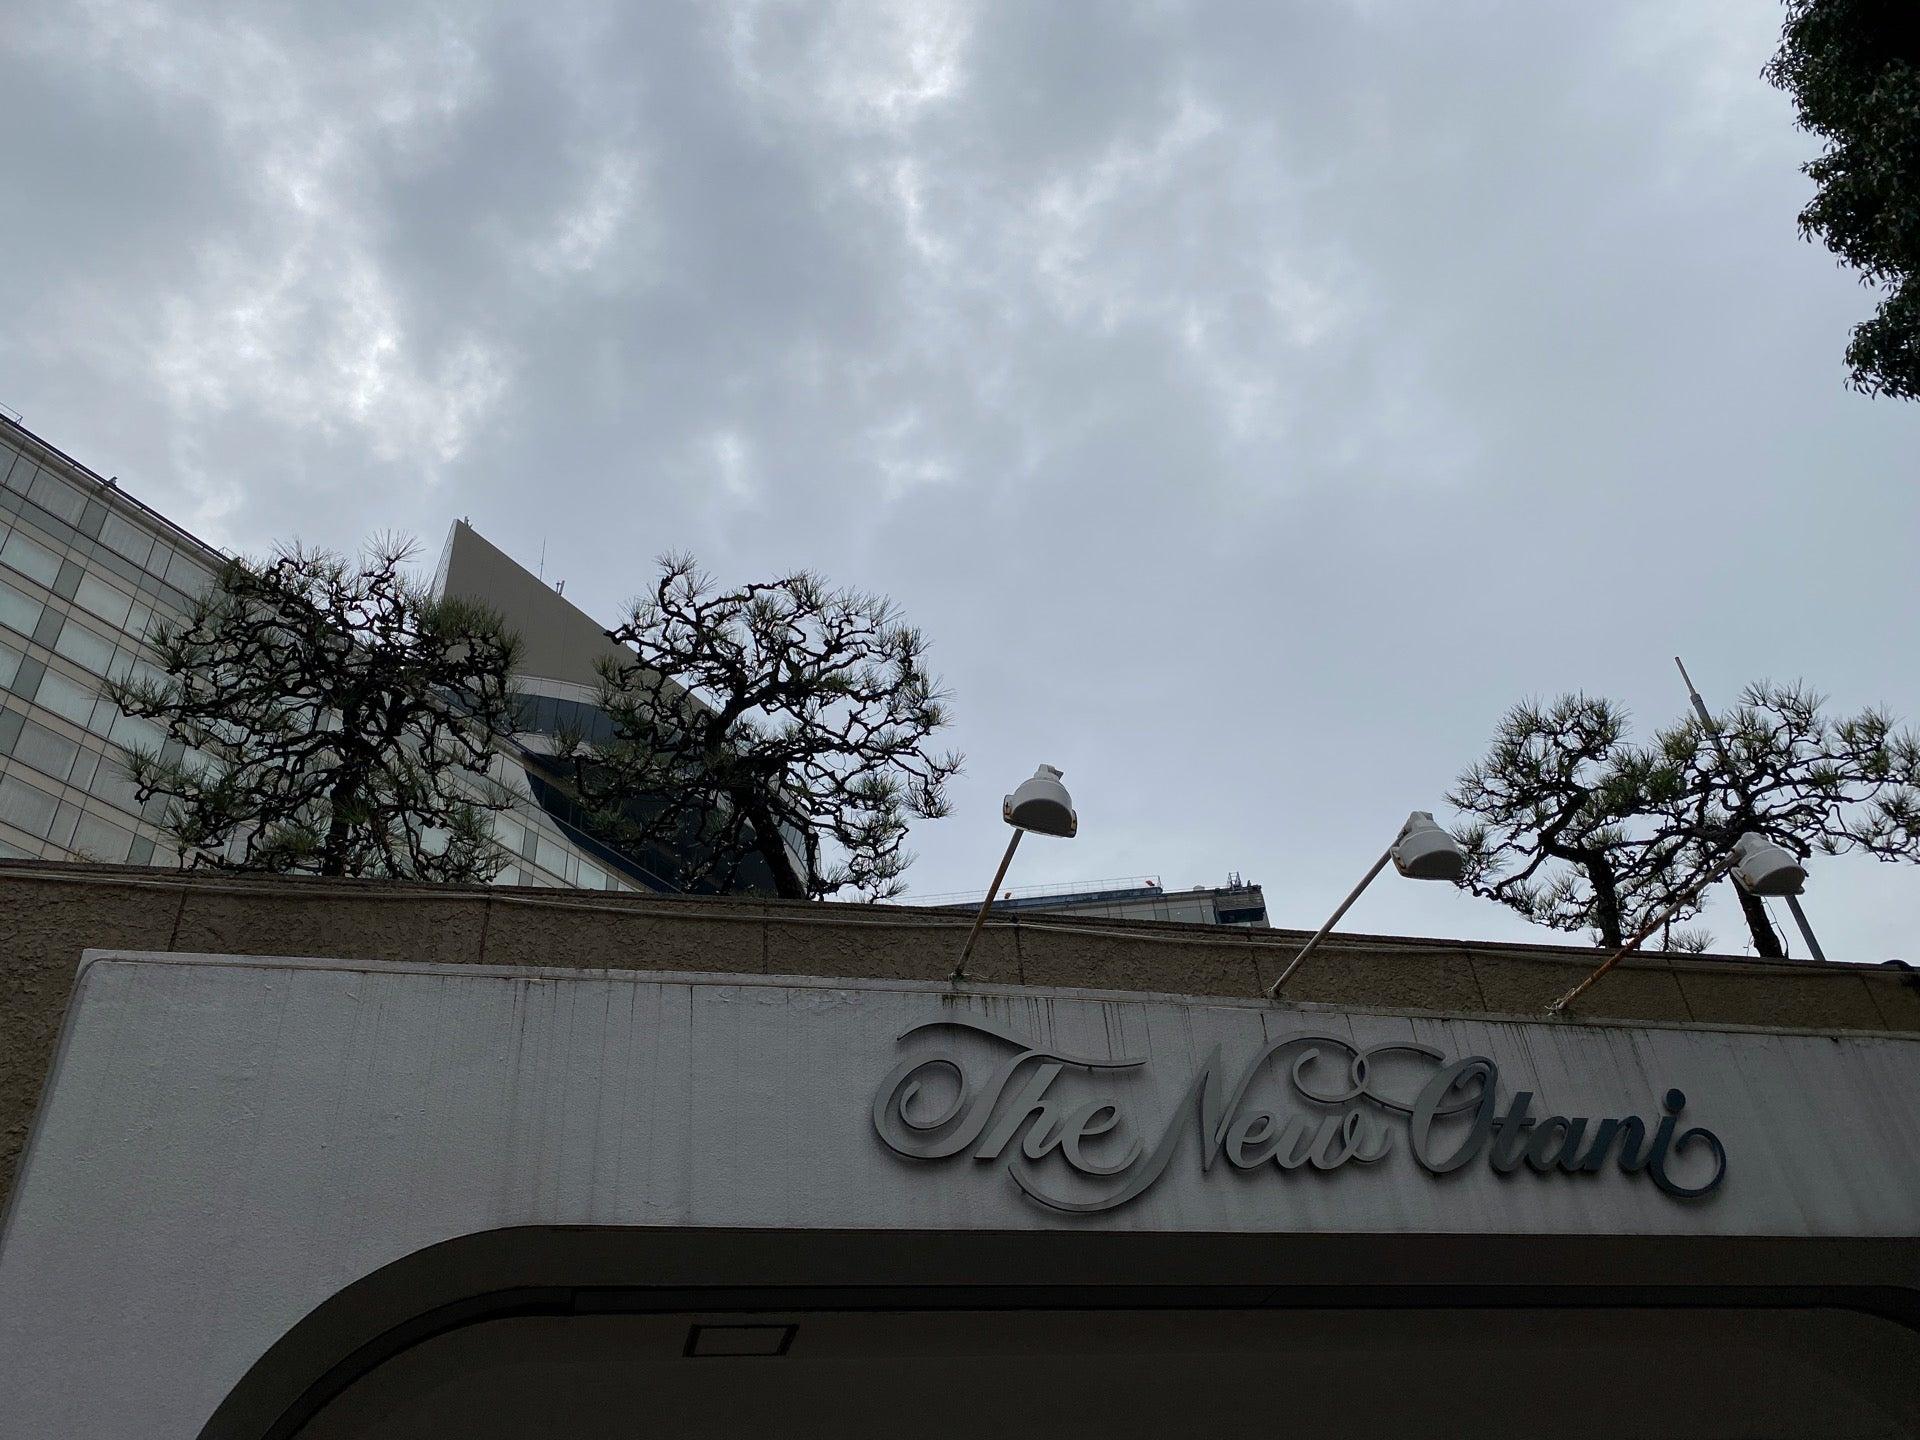 I'm at ホテルニューオータニ in 千代田区, 東京都 https://t.co/BxyNml4bTV https://t.co/2NlkKsbDt5